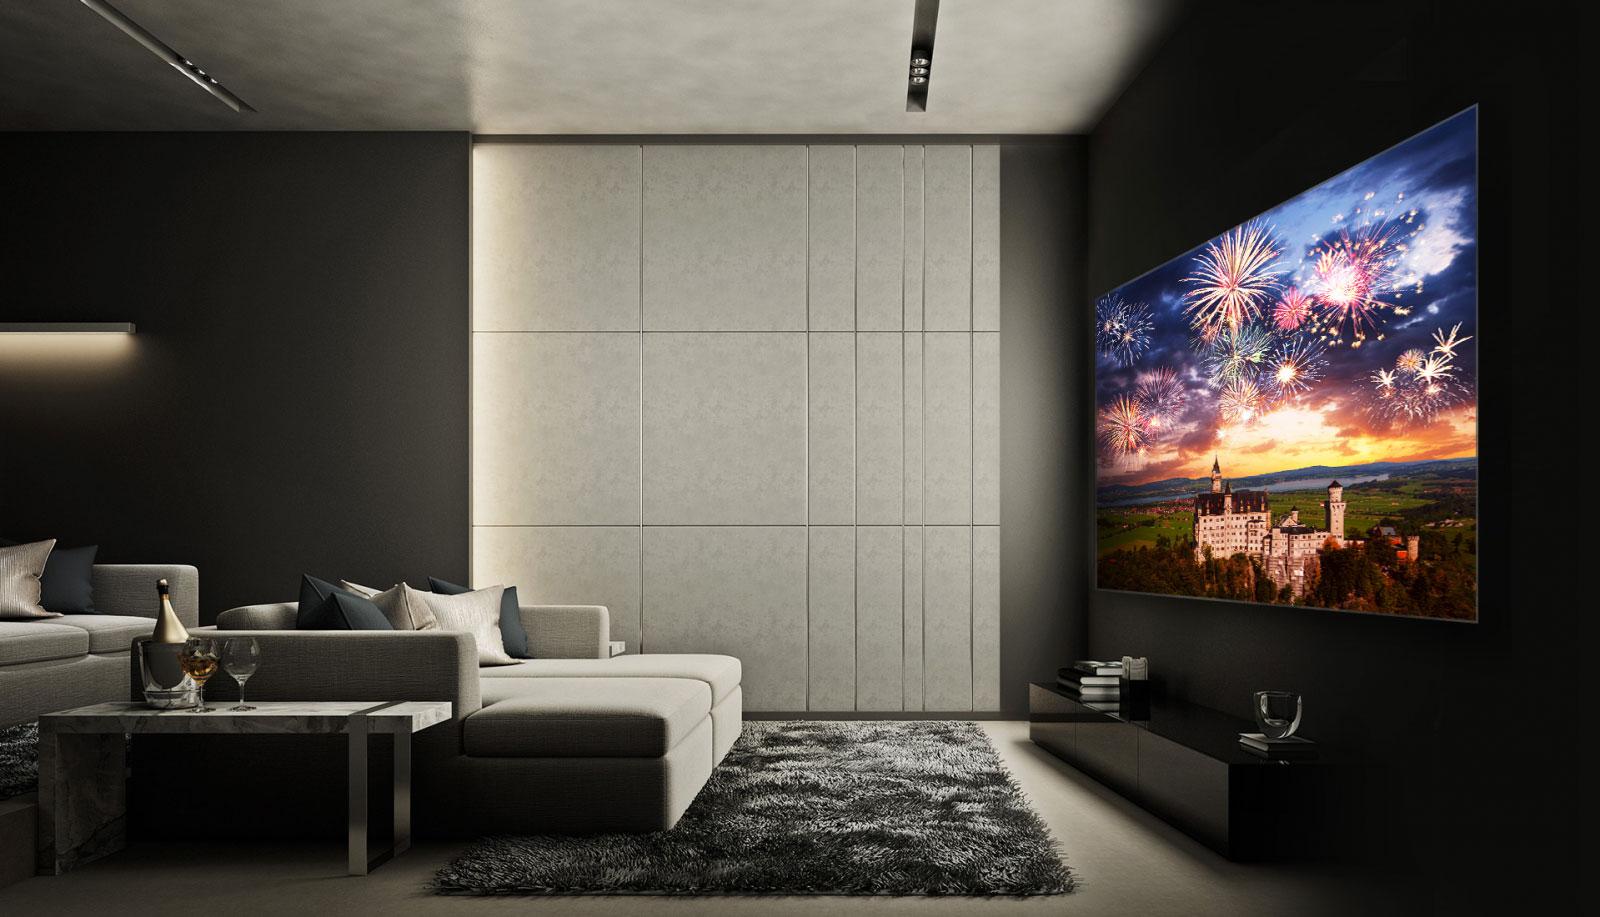 wallpaper_kevisual_de1